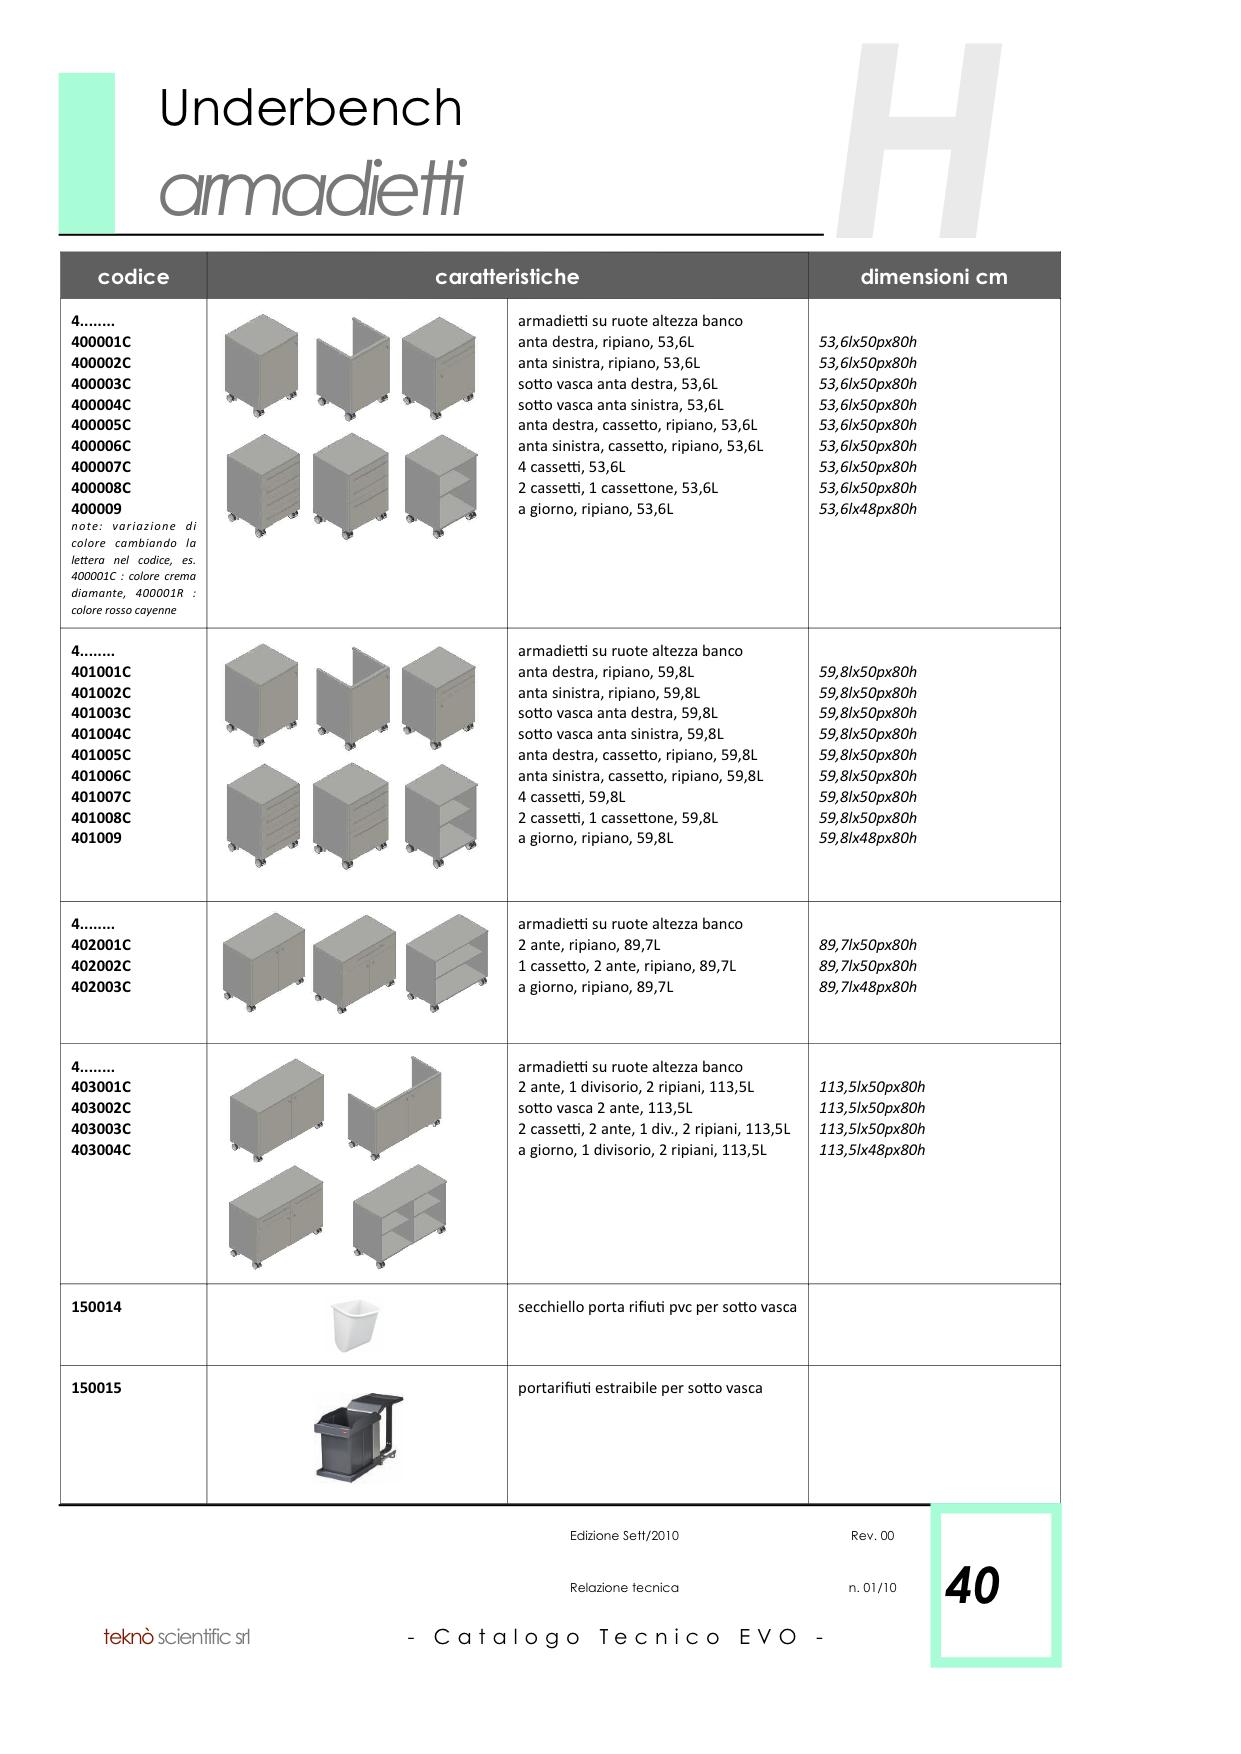 EVO Catalogo Tecnico Generale copia 40.png